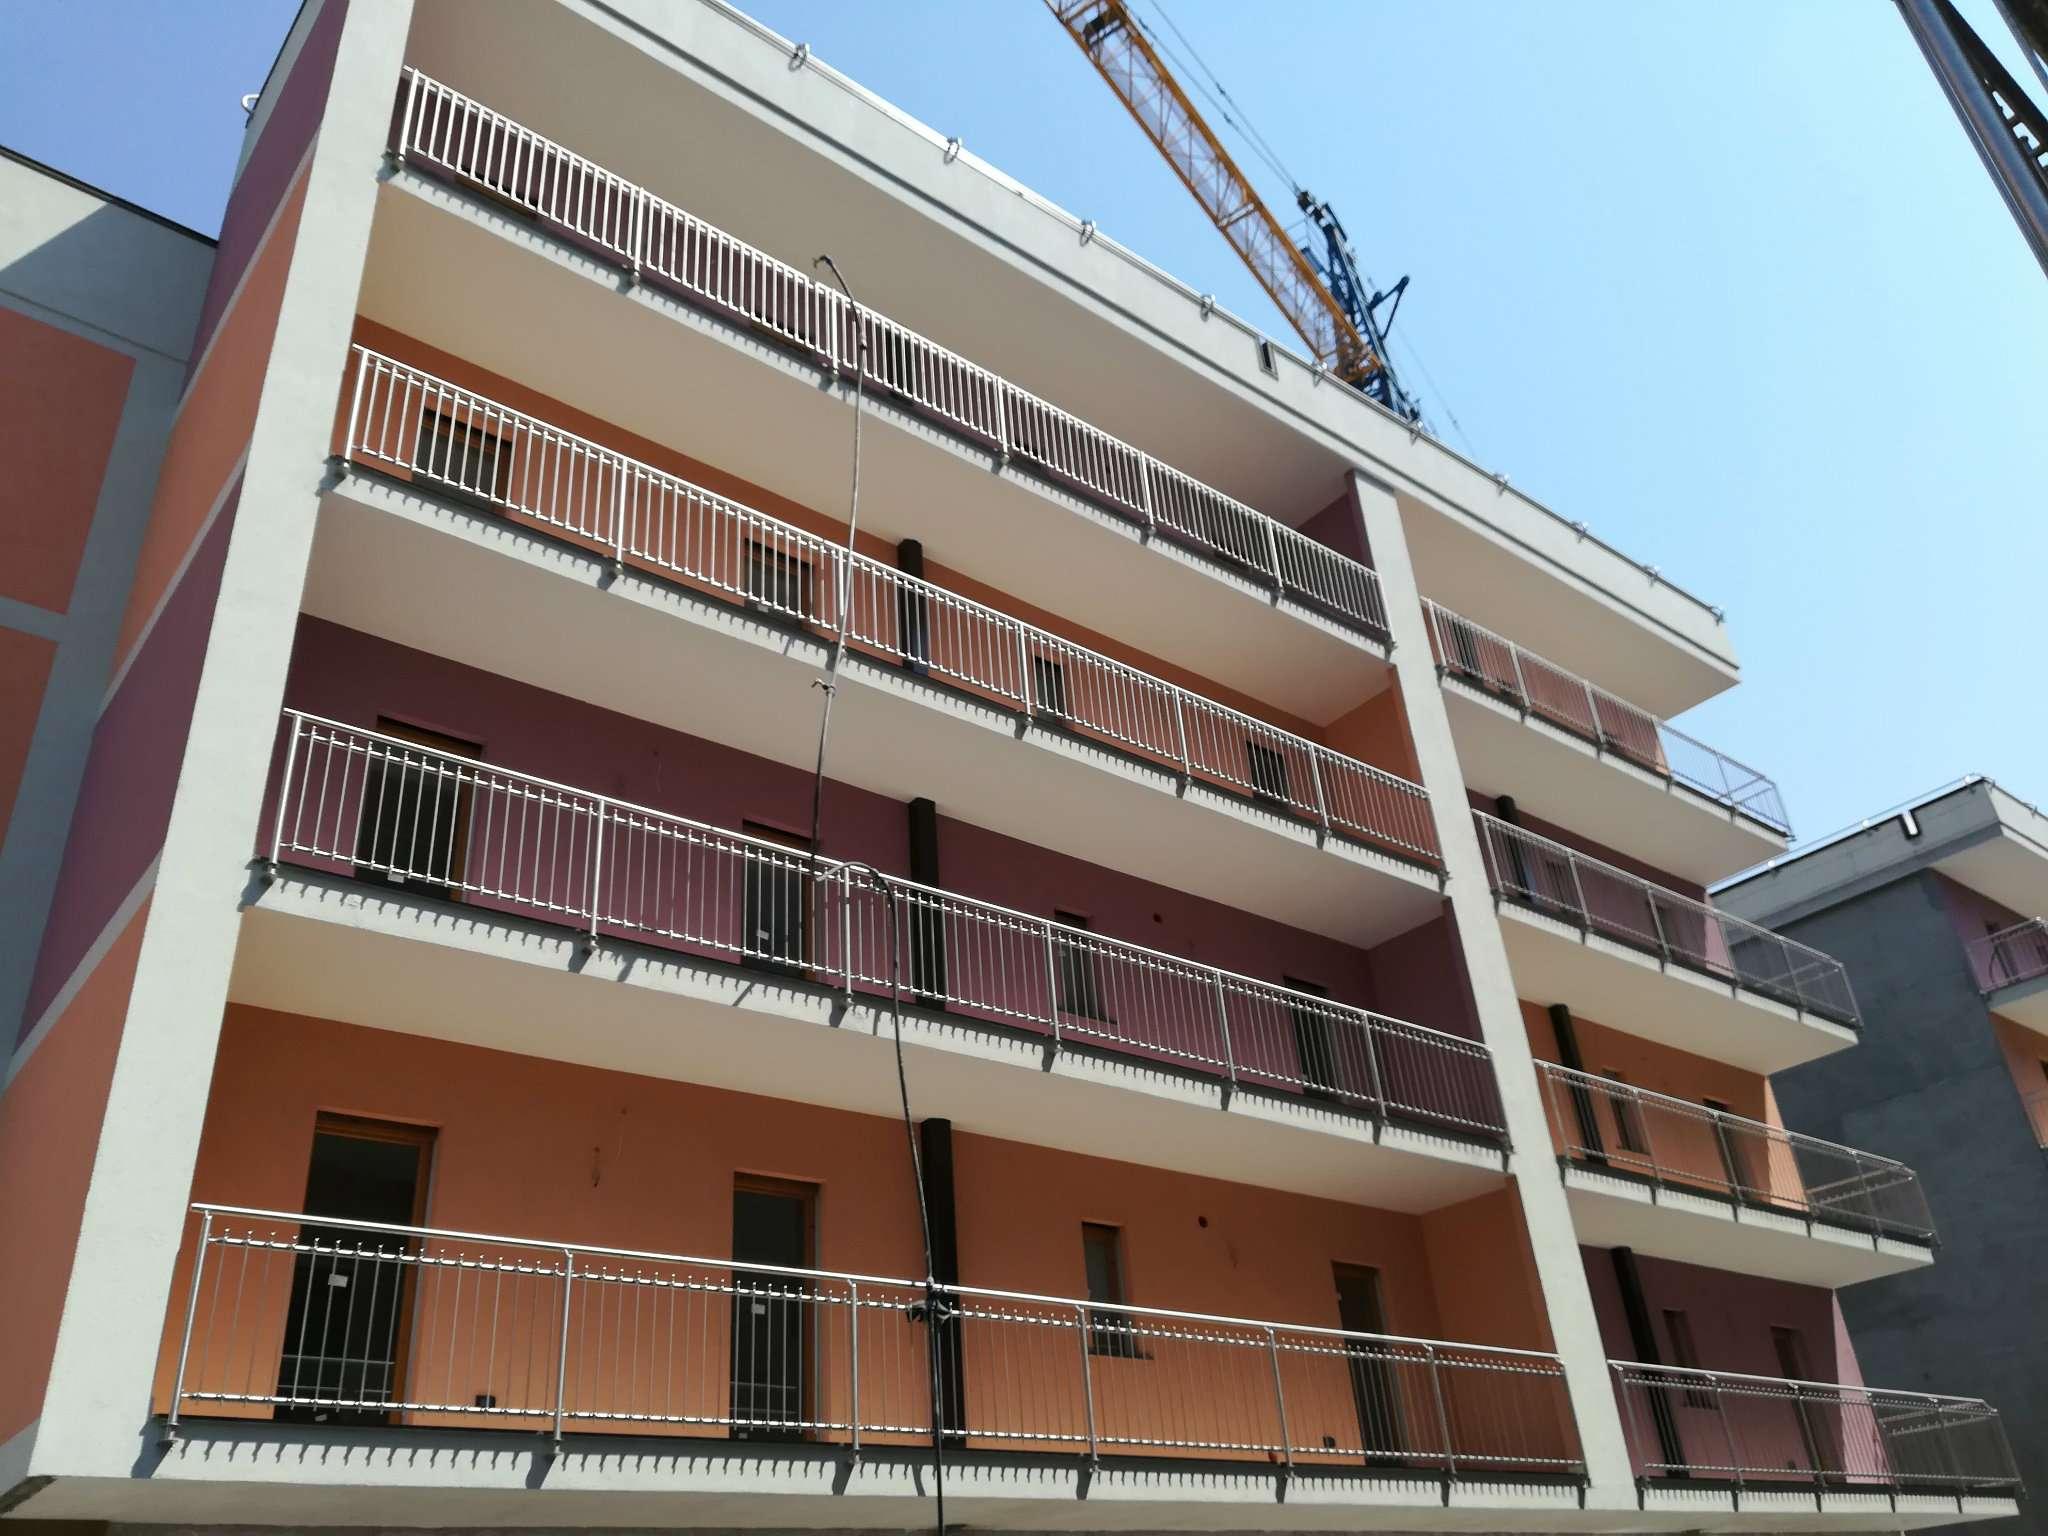 Appartamento in vendita a Striano, 9999 locali, prezzo € 215.000 | CambioCasa.it